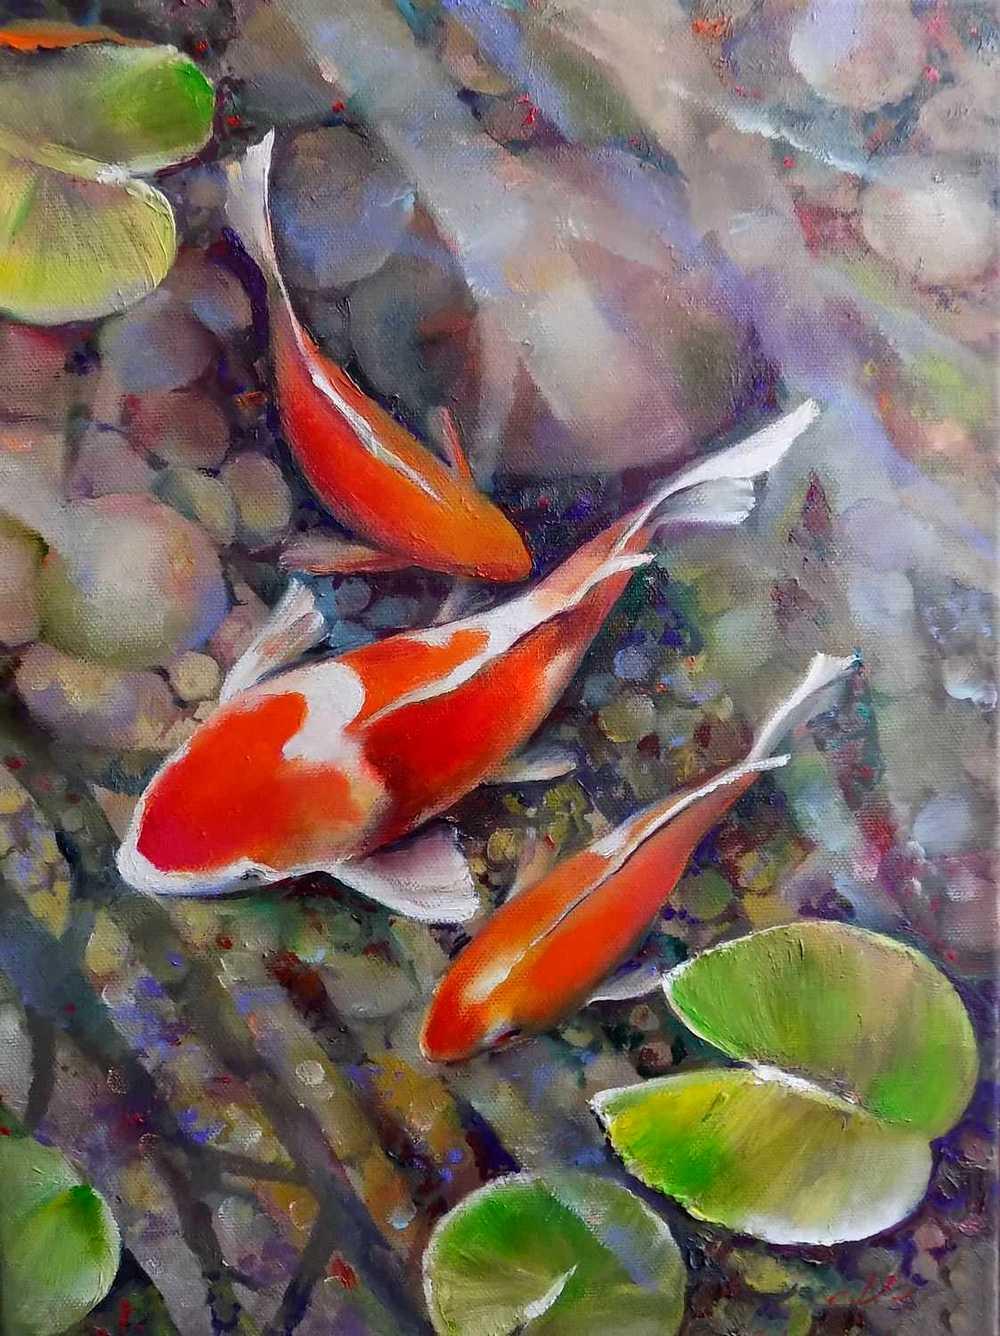 79b1f2f1859eb79fcf7dadaa1bvr--kartiny-i-panno-kitajskie-rybki.jpg